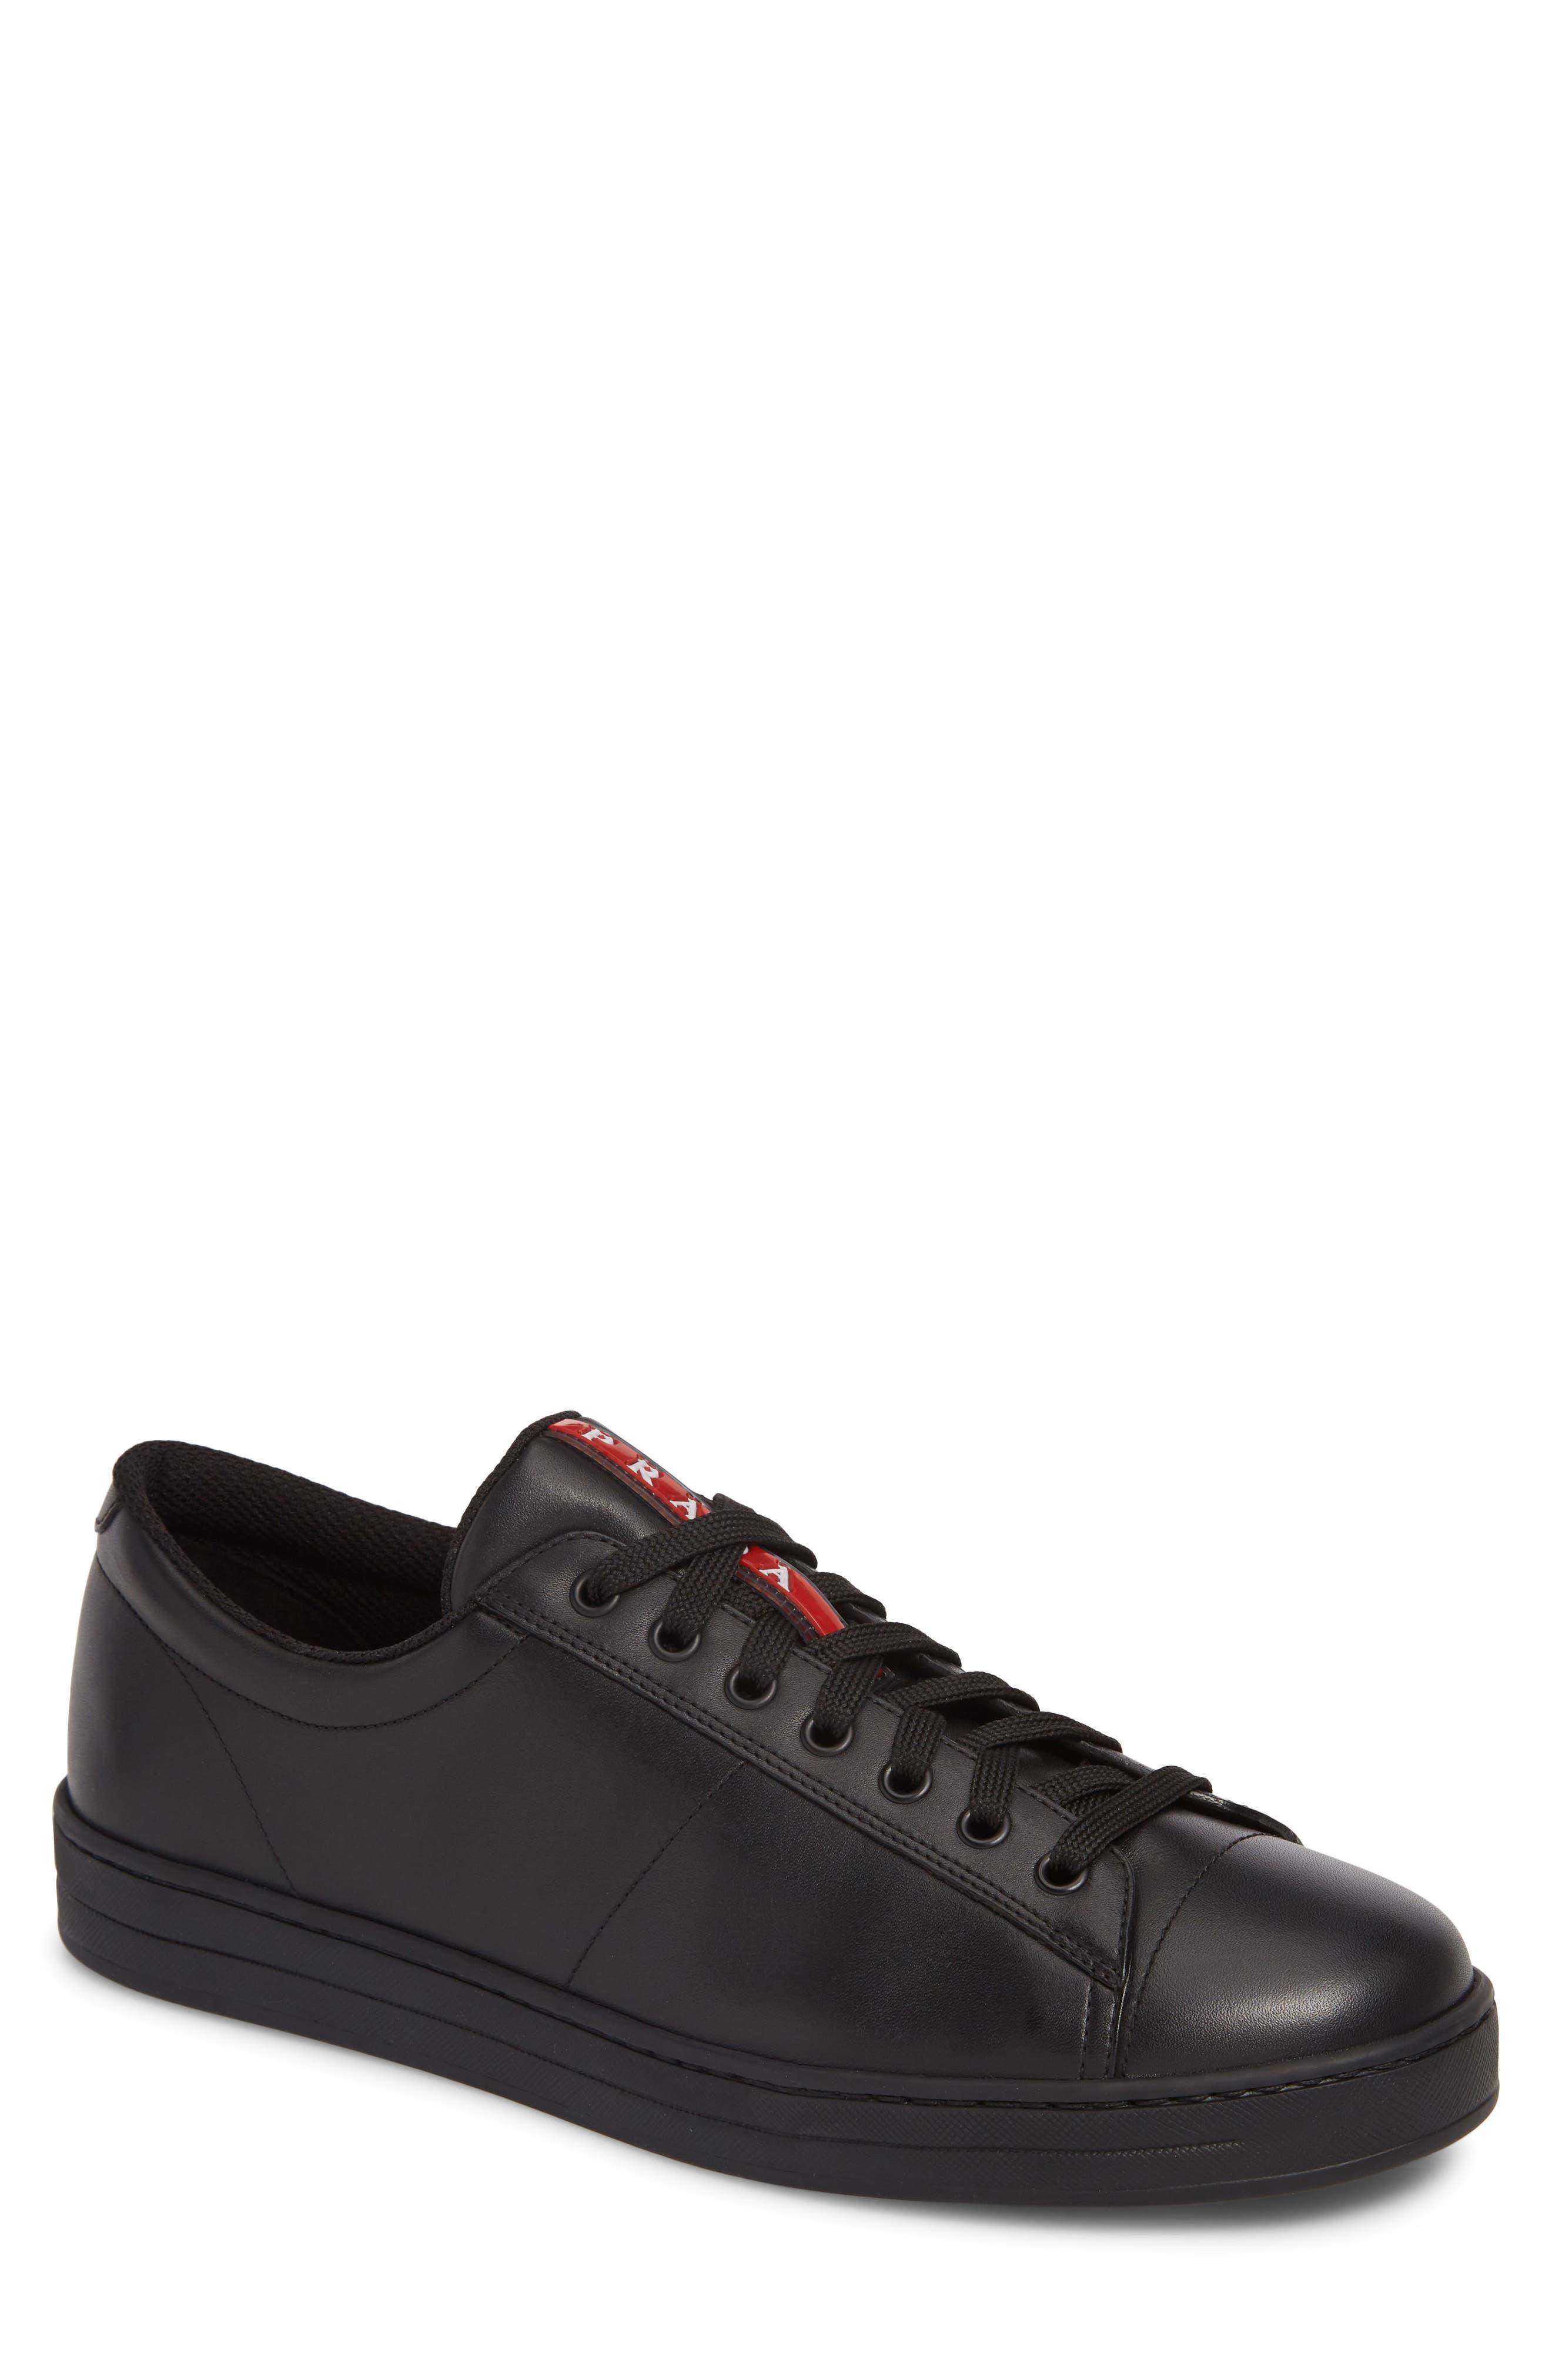 Prada The Avenue Sneaker (Men)   Nordstrom